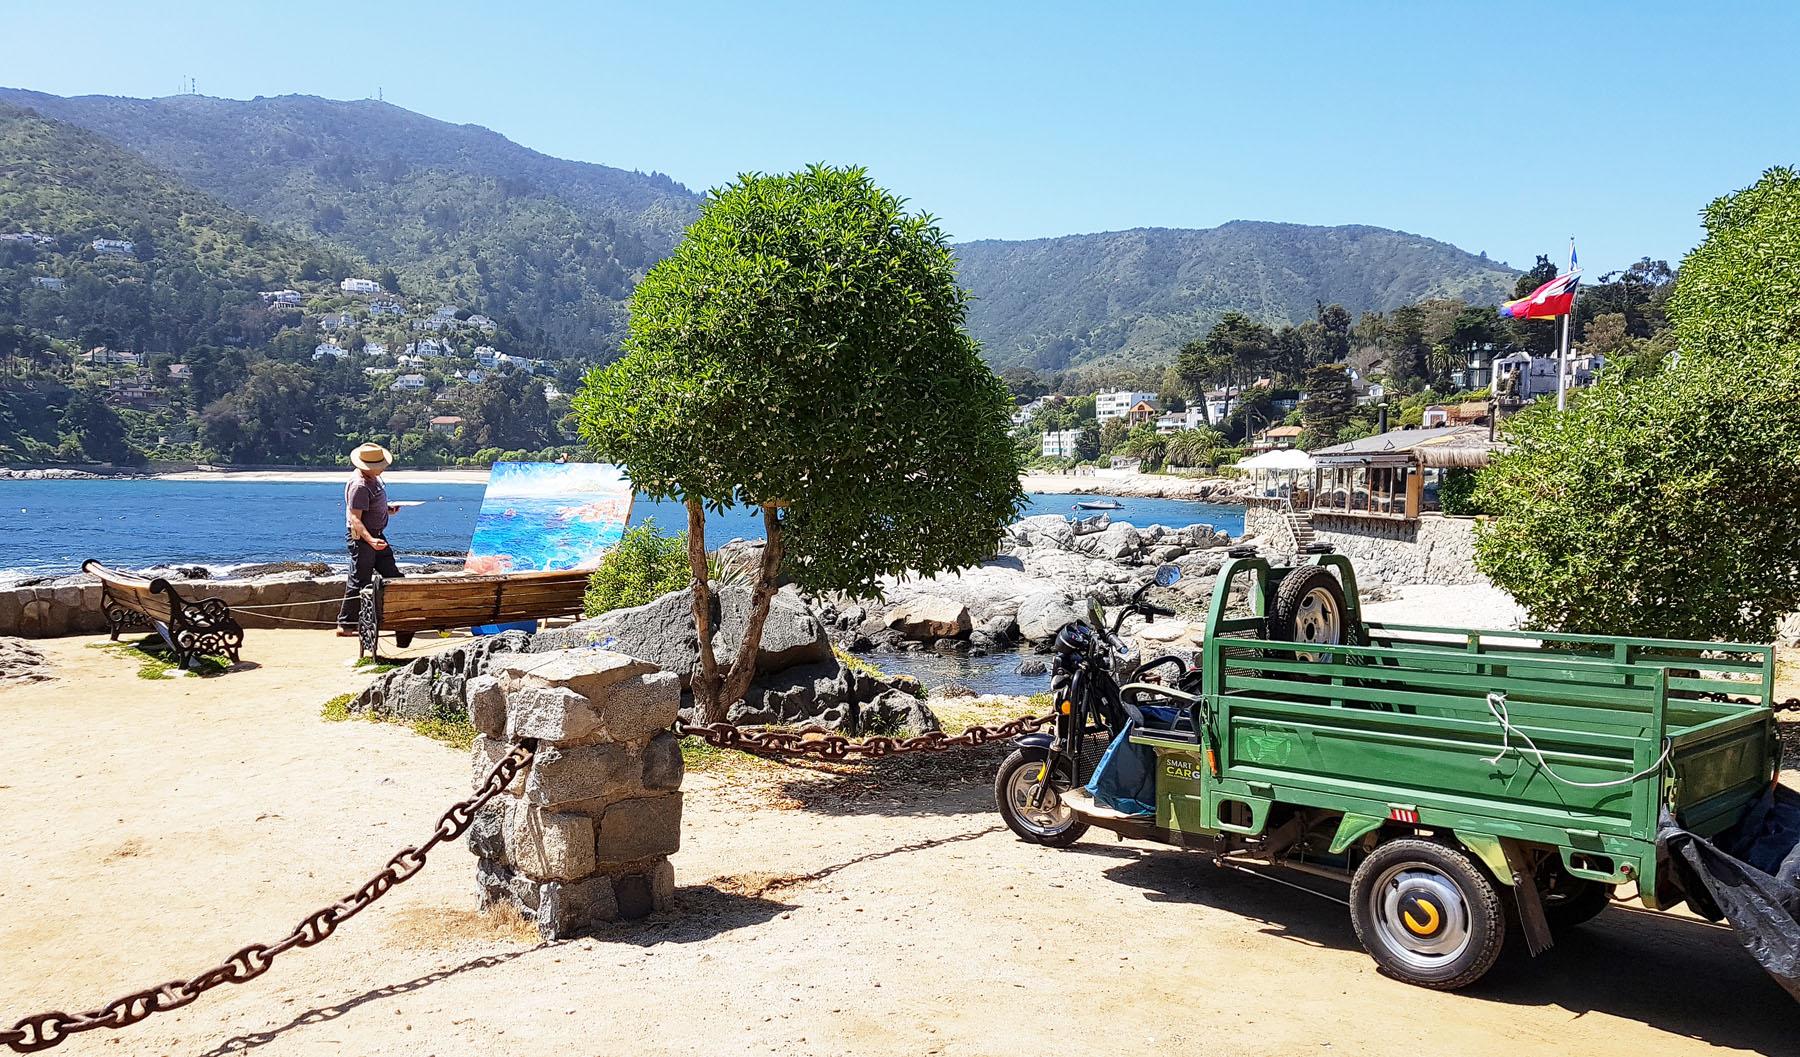 Maler in der malerischen Bucht von Zapallar